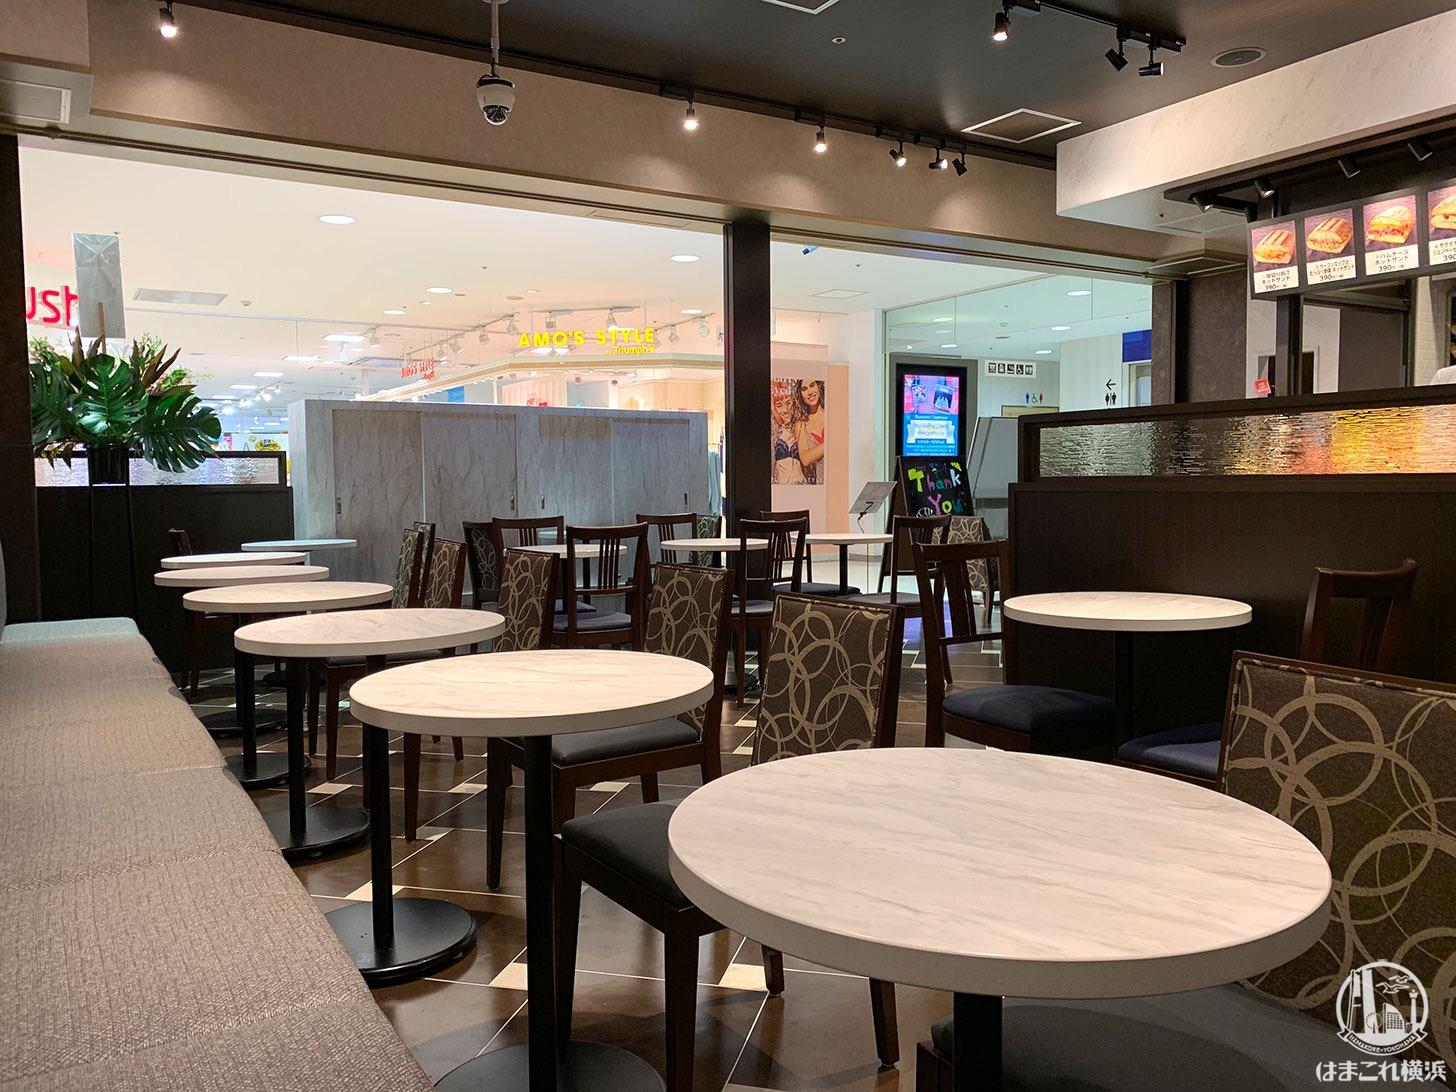 サンマルクカフェ 横浜ワールドポーターズ、電源はないけどパソコン作業向けだった